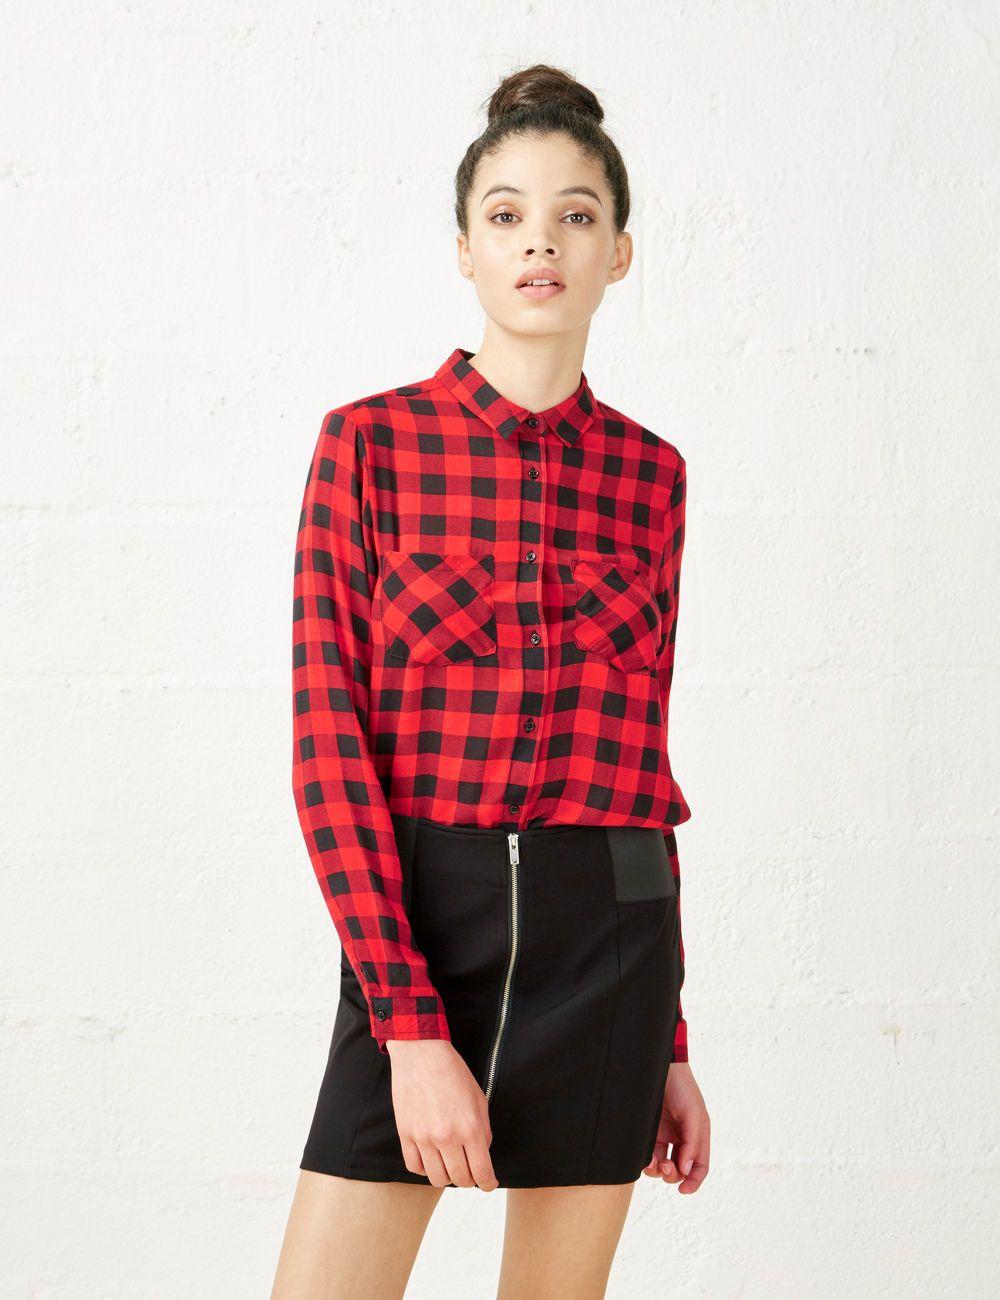 chemise a carreaux rouge et noir femme o jennyfer mode With chemise a carreaux femme rouge